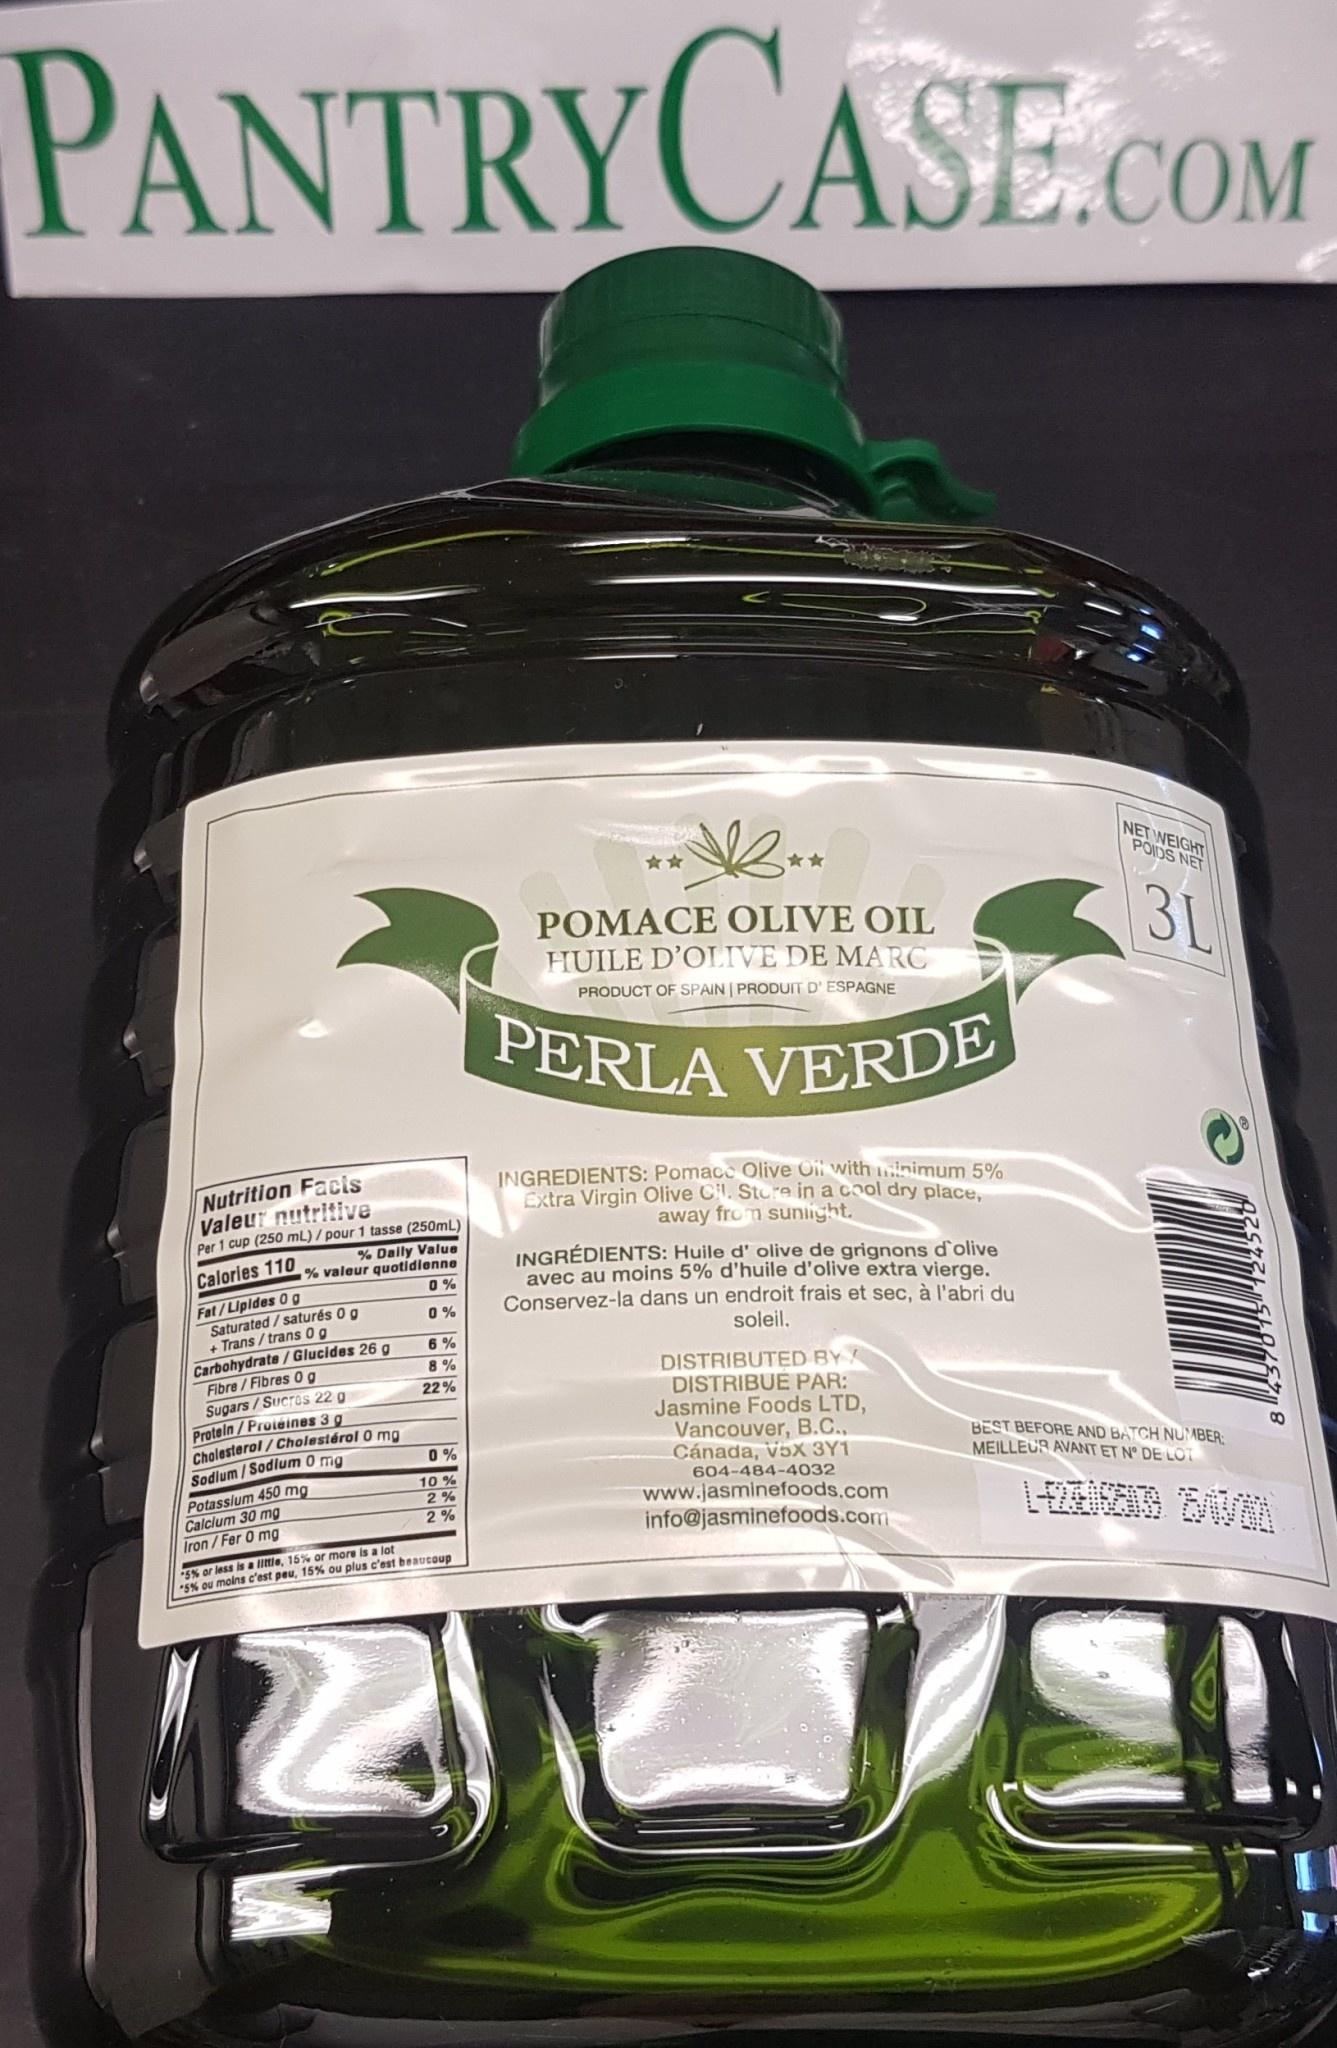 Pomace Olive Oil Perla Verde Olive Oil 3l